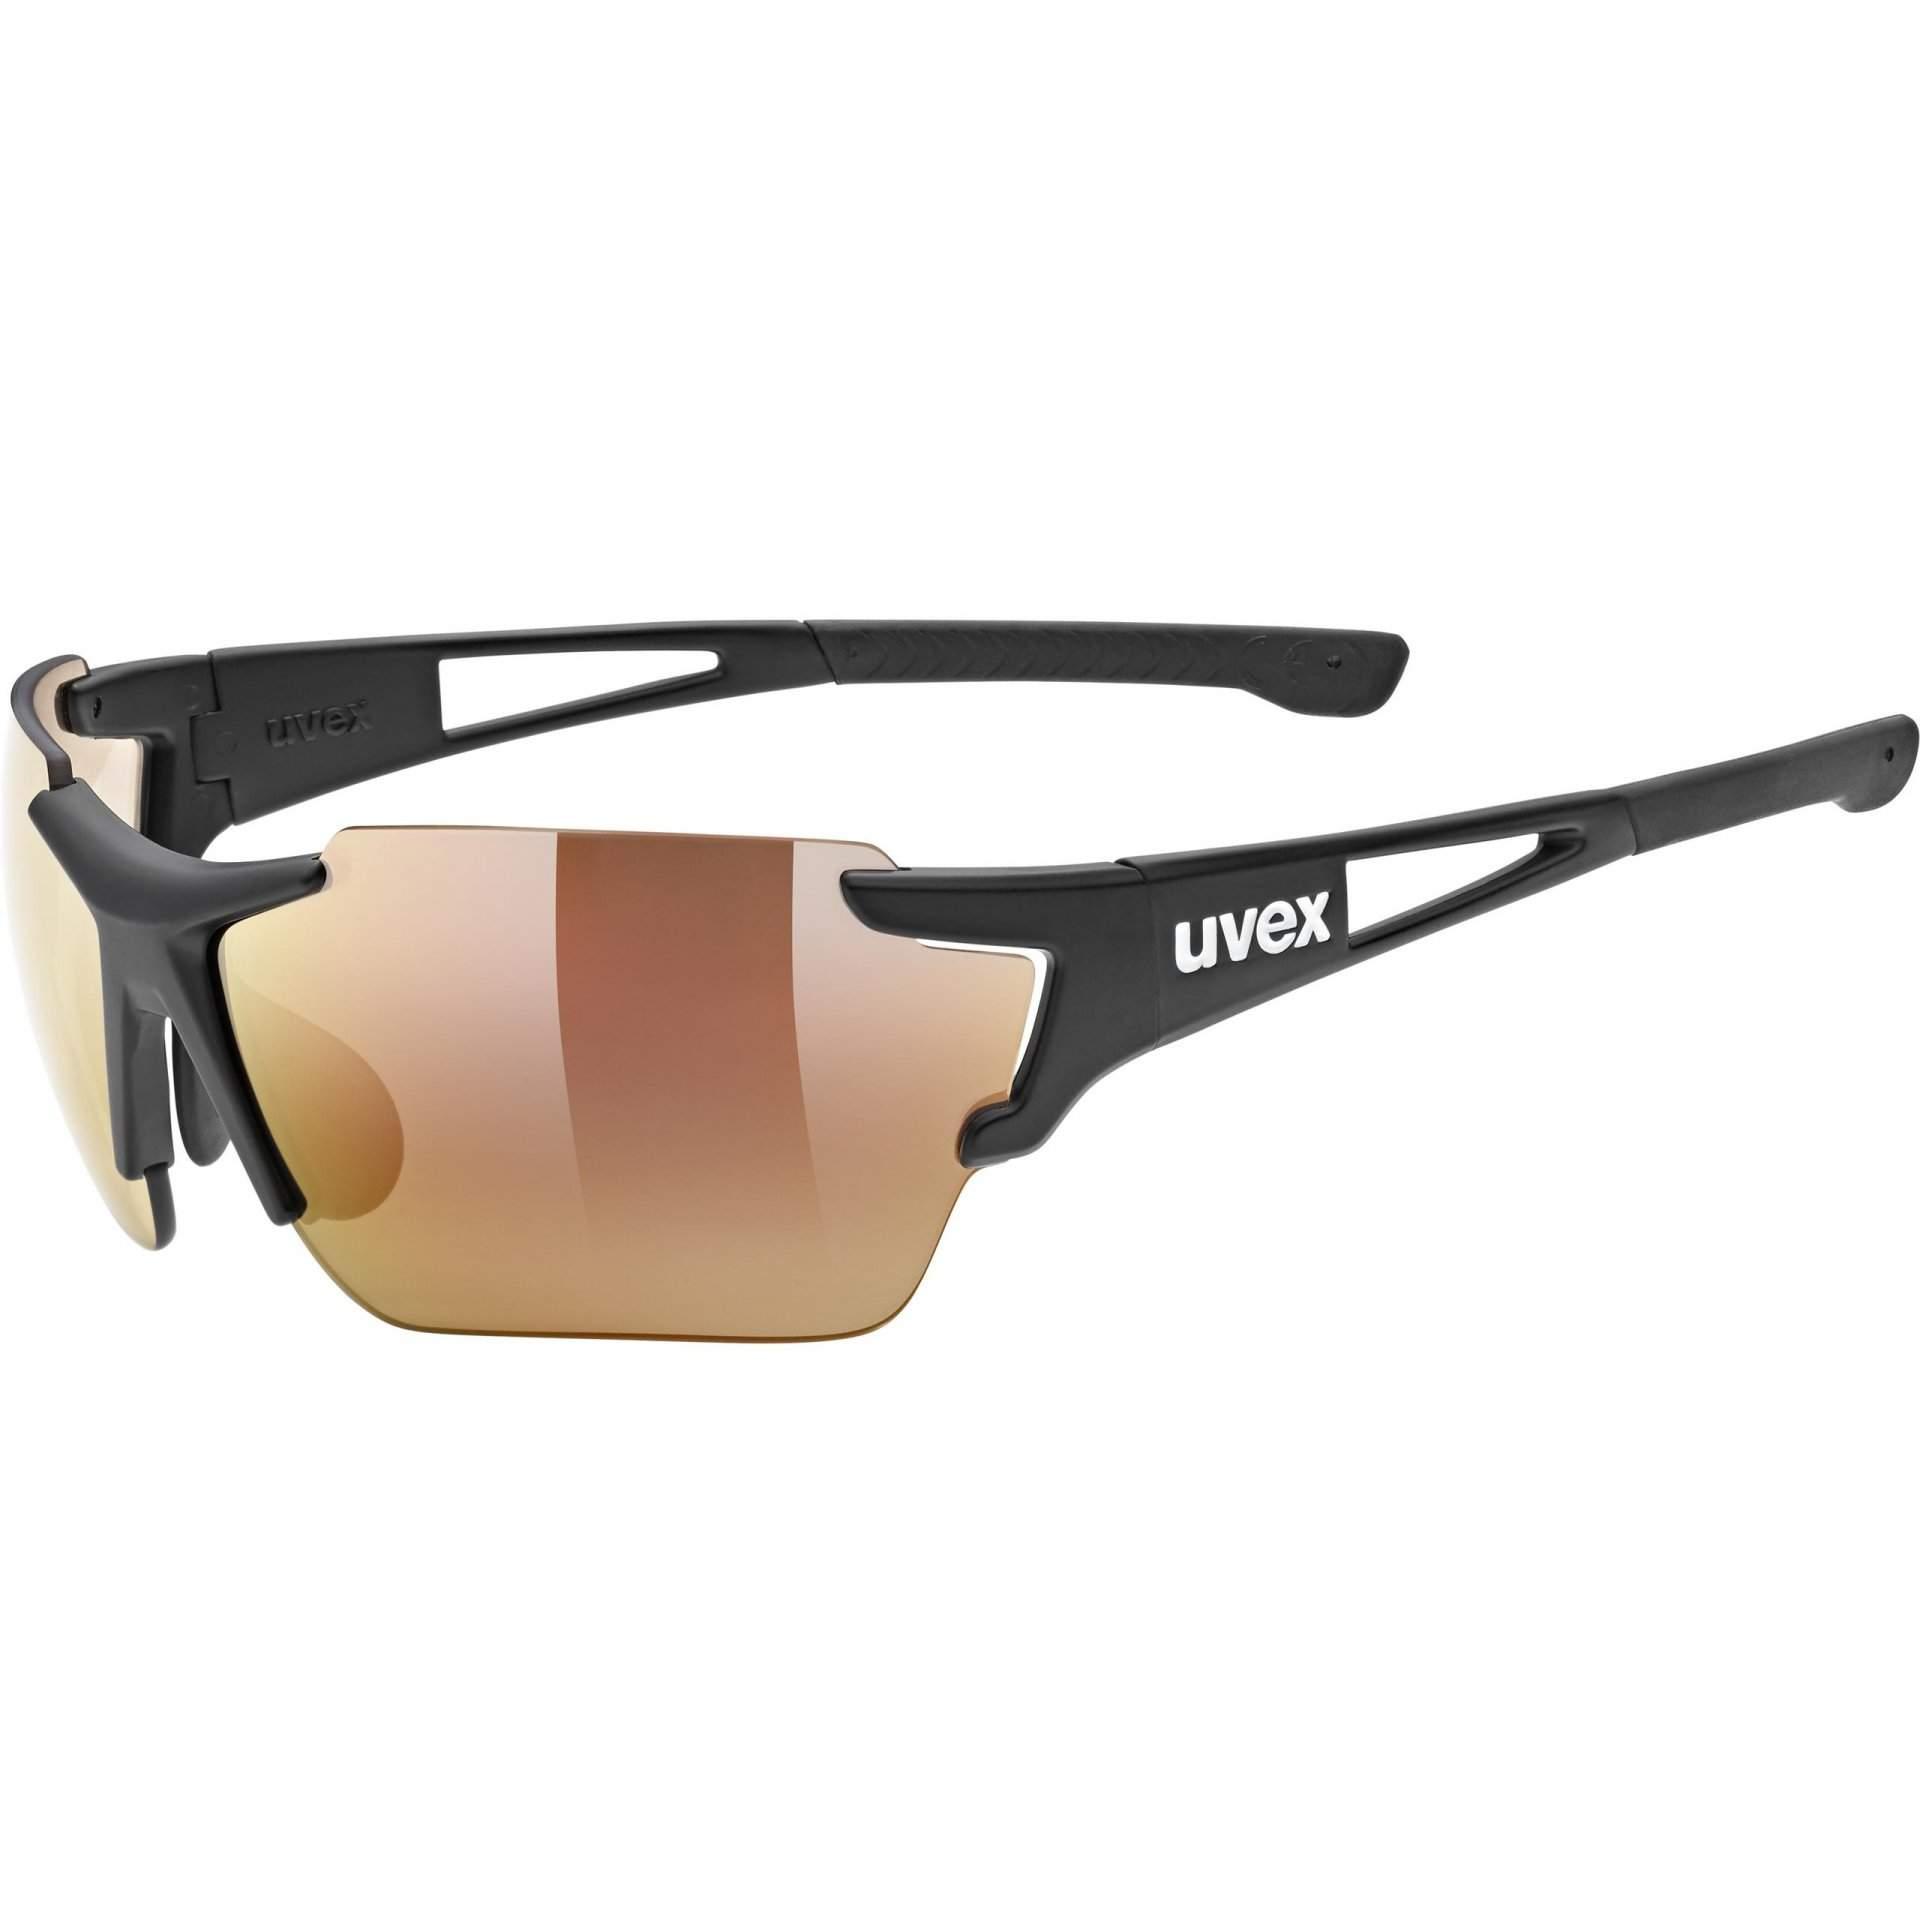 OKULARY UVEX SPORTSTYLE 803 53|3|041|2206 RACE CV V BLACK MAT